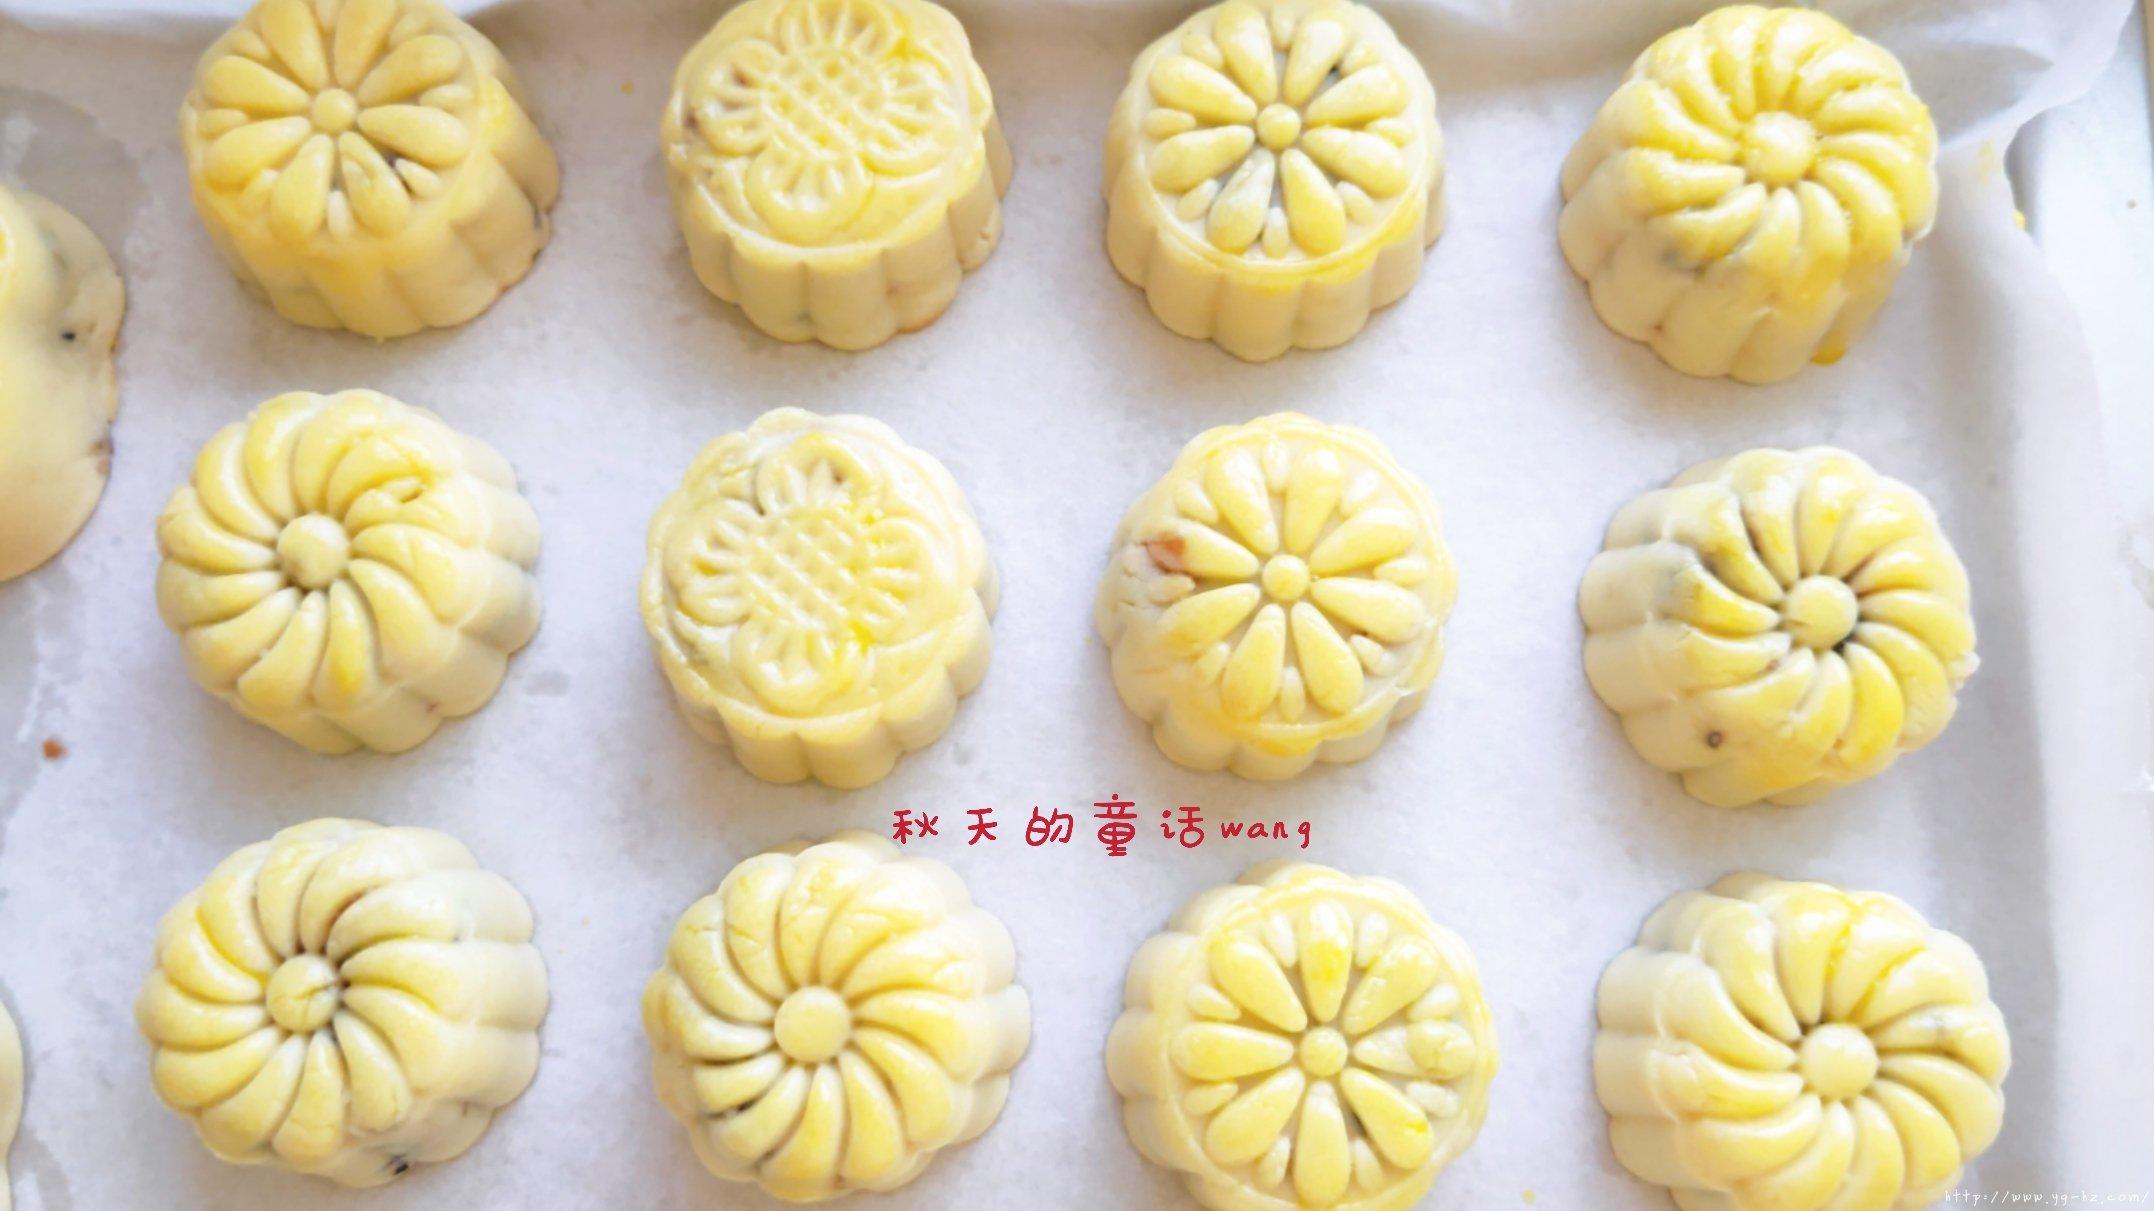 不用转化糖浆的月饼(黄油版)的做法 步骤10